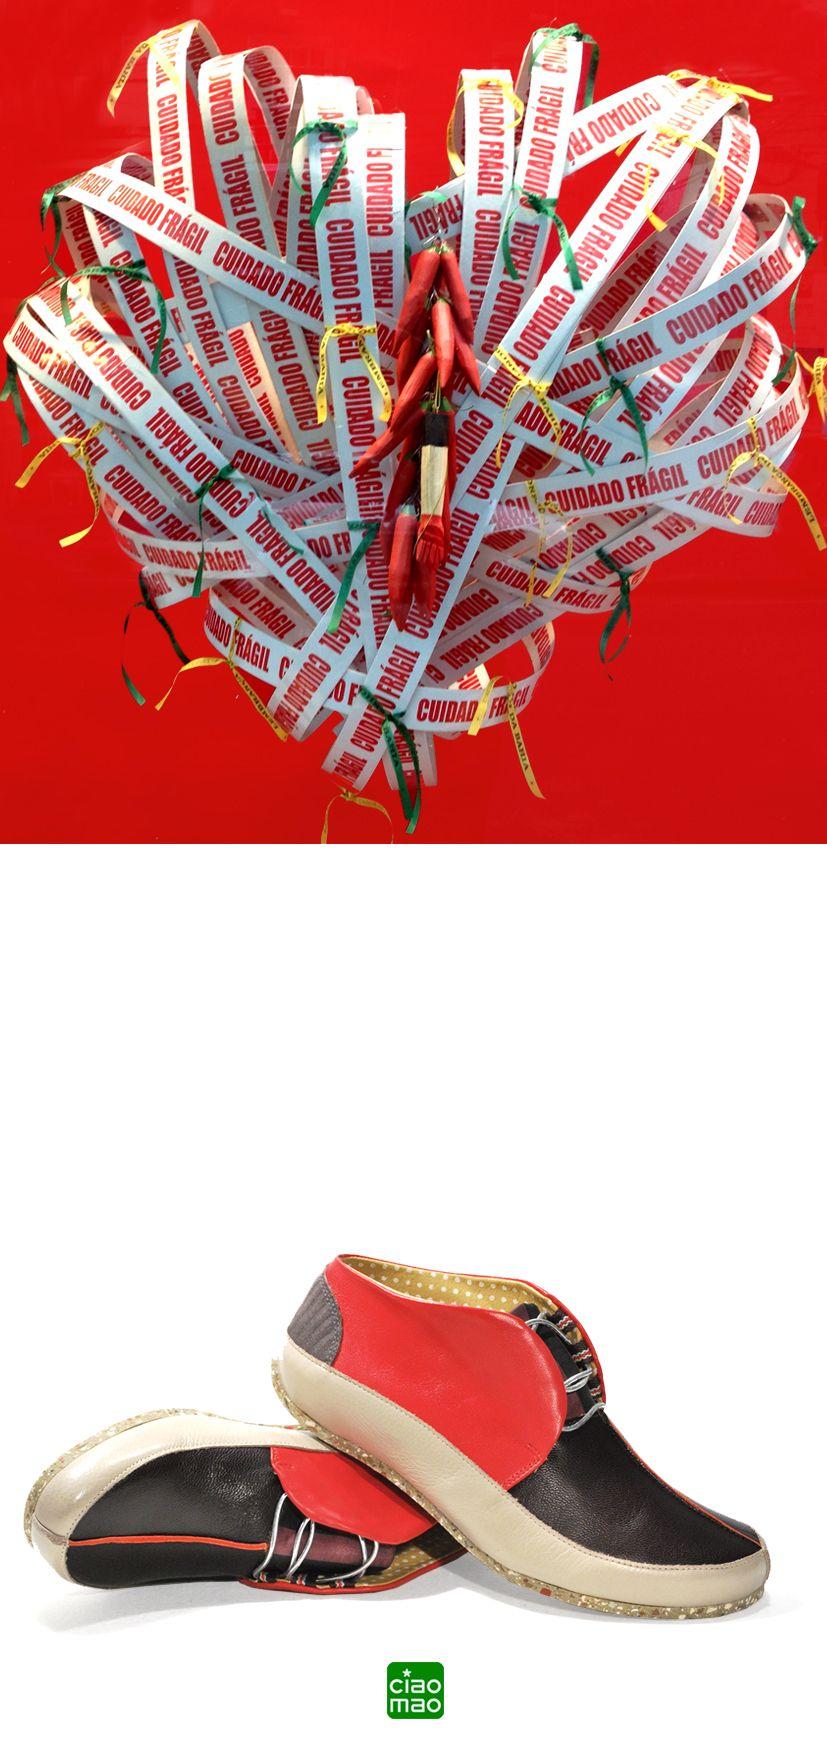 Terça às 03h00: parada estratégica para cruzar os dedos! - Tênis feminino VEM - Women's sneakers of the Brazilian brand CIAO MAO